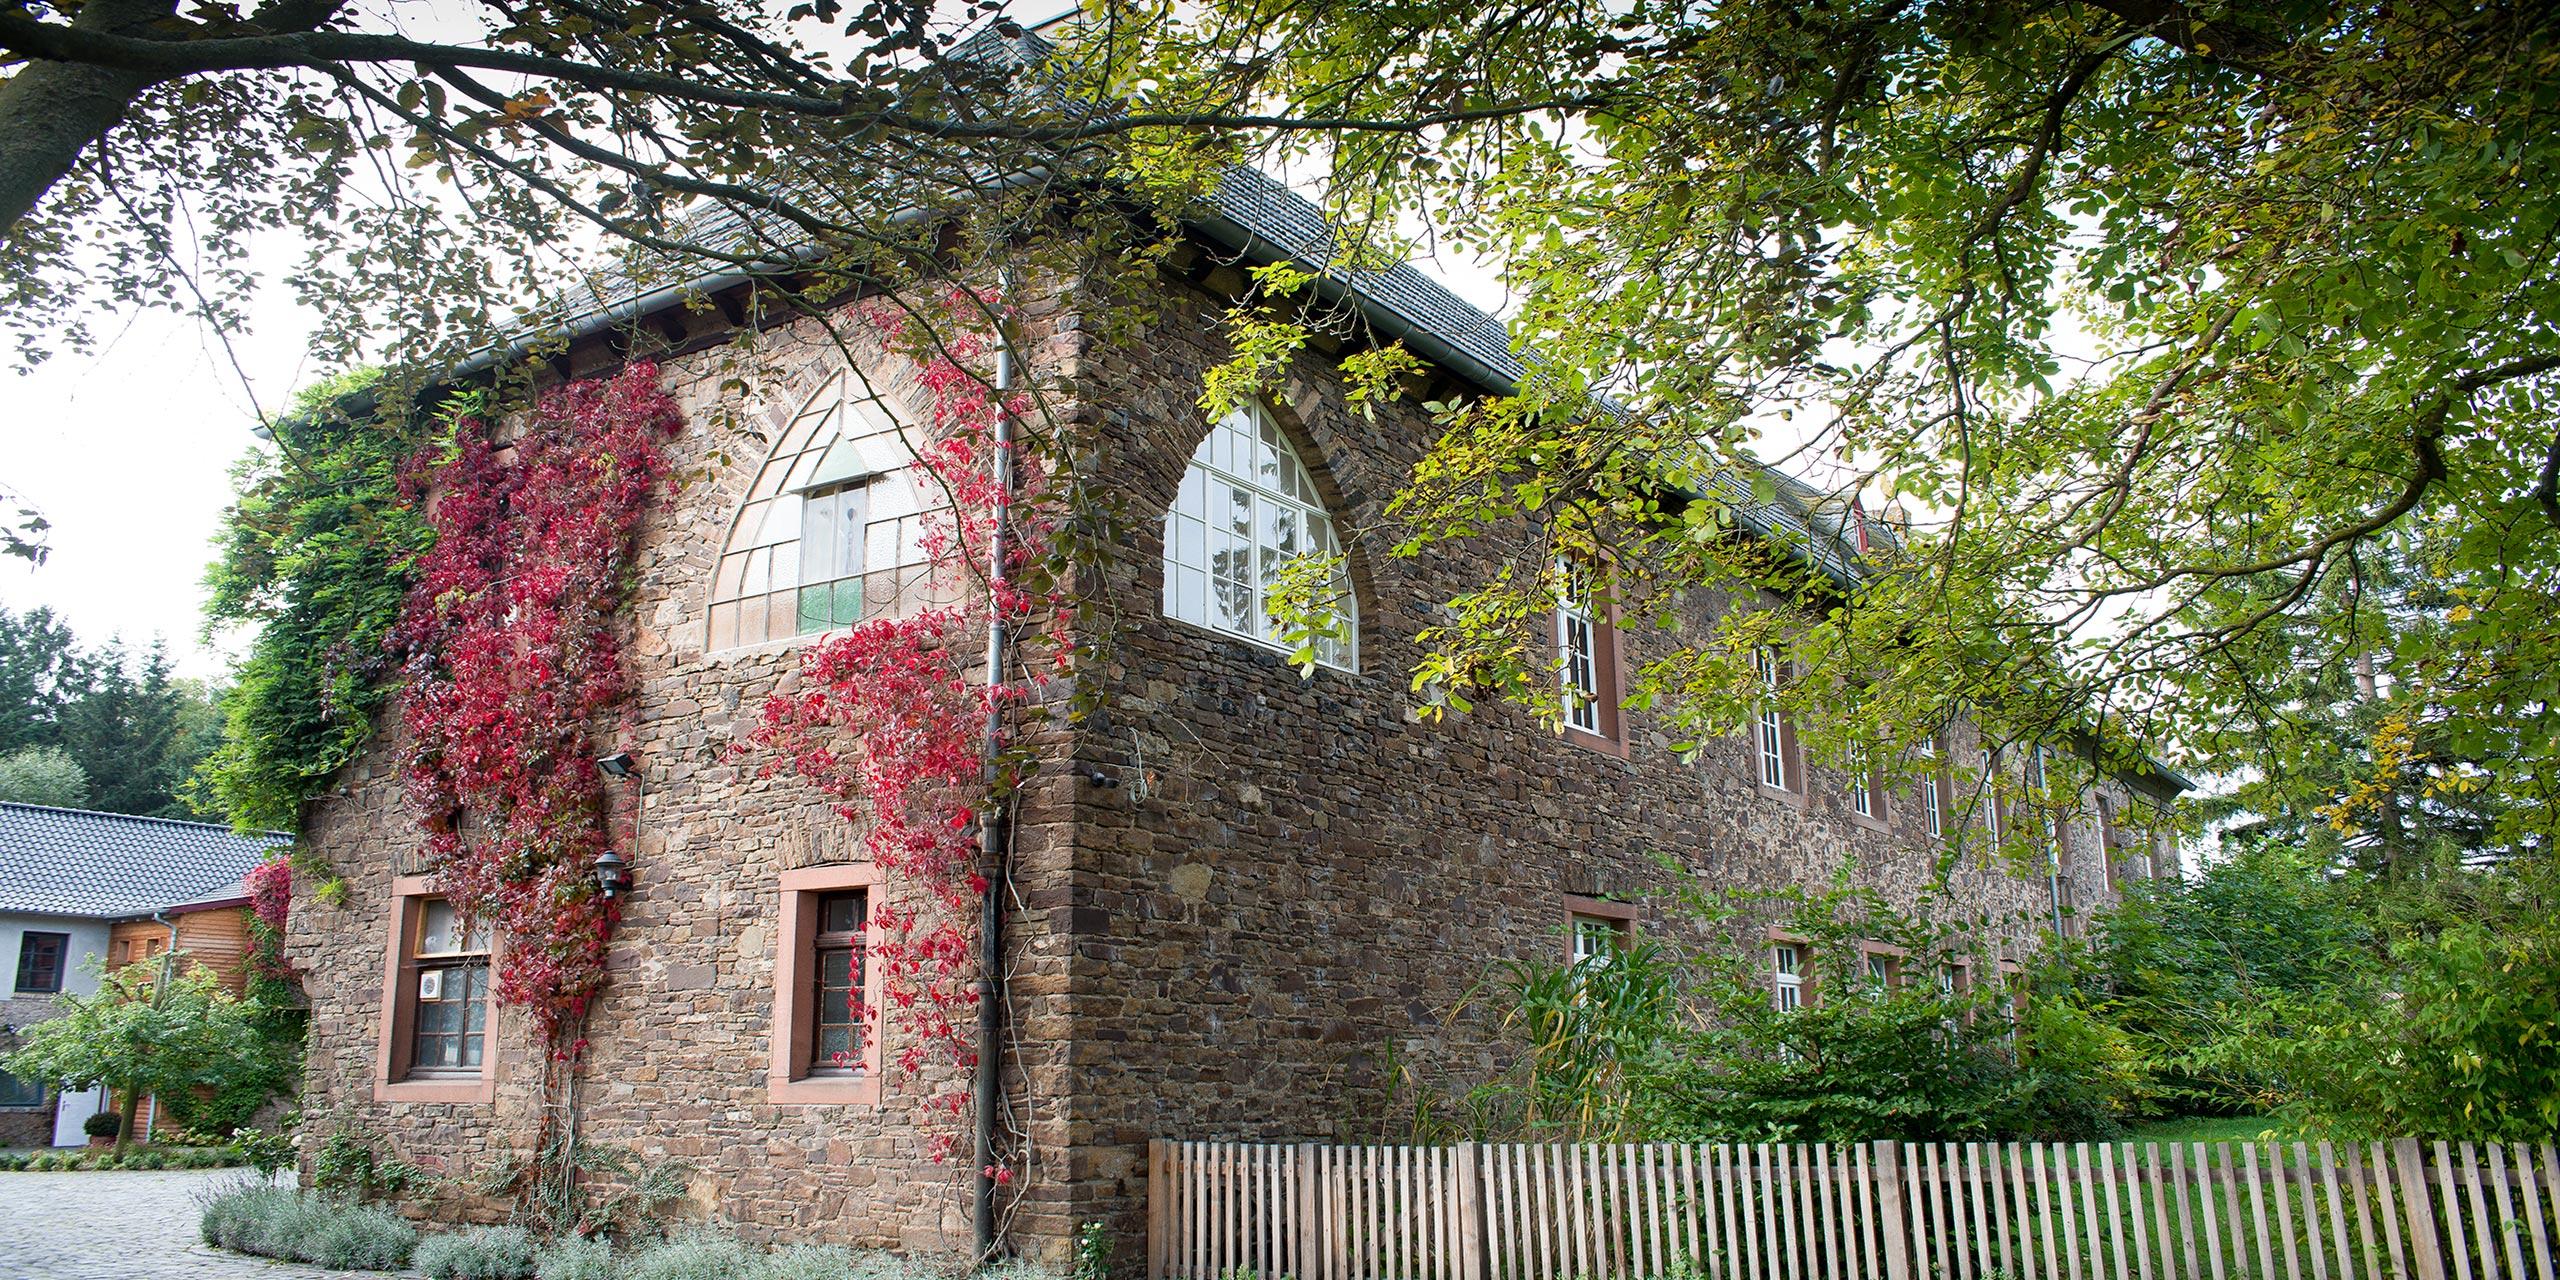 Kloster Schweinheim - Willkommen